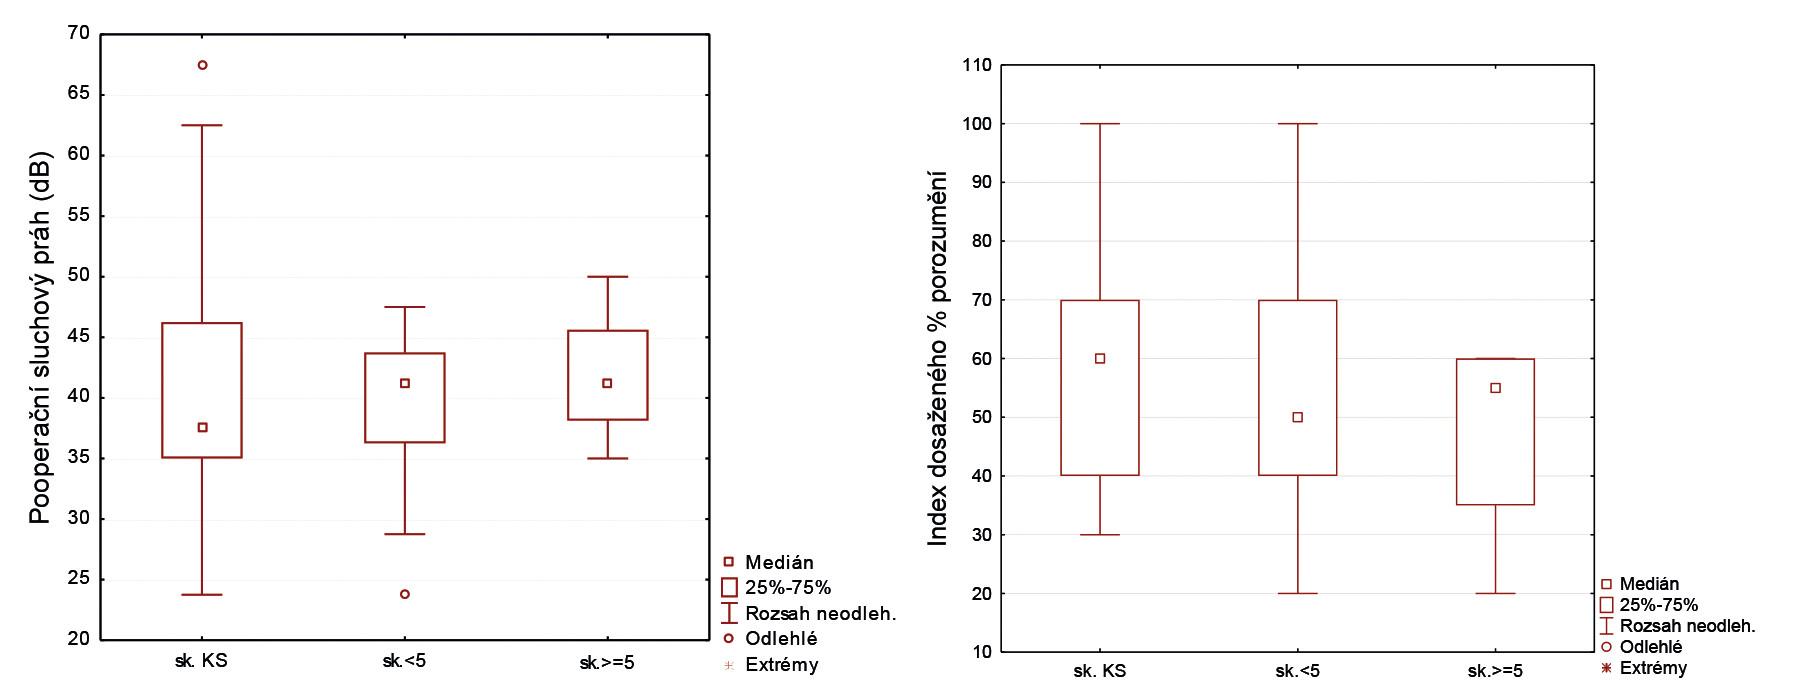 Grafy 7, 8 Krabicové diagramy pooperační tónové a slovní audiometrie u tří skupin pacientů rozlišených dle anamnézy.